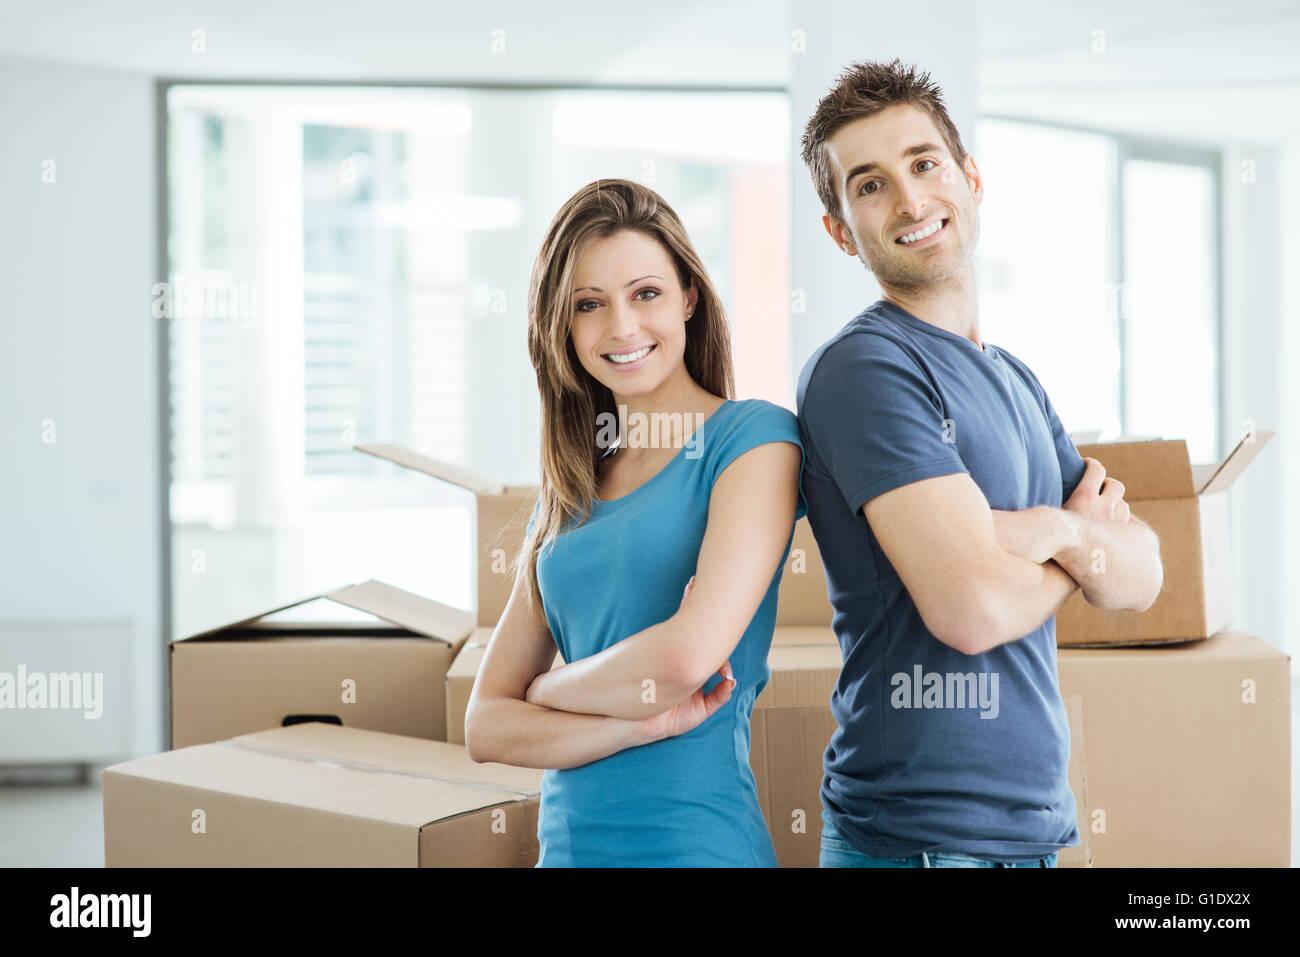 Pareja amorosa sonriente posando en su nueva casa la espalda rodeado por cajas de cartón Imagen De Stock